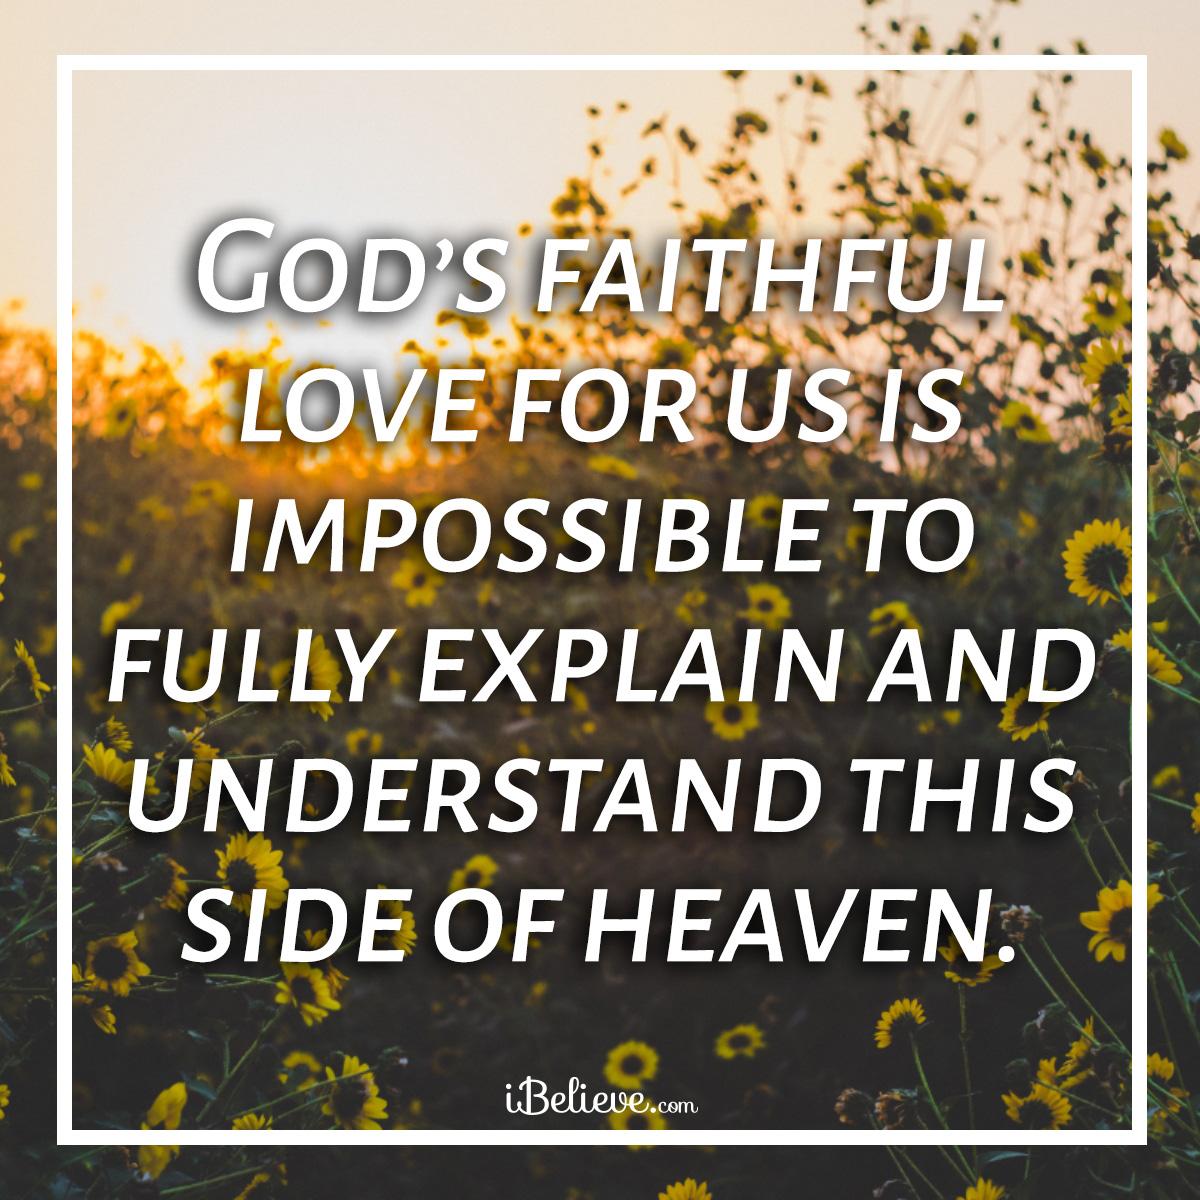 Gods faithful love